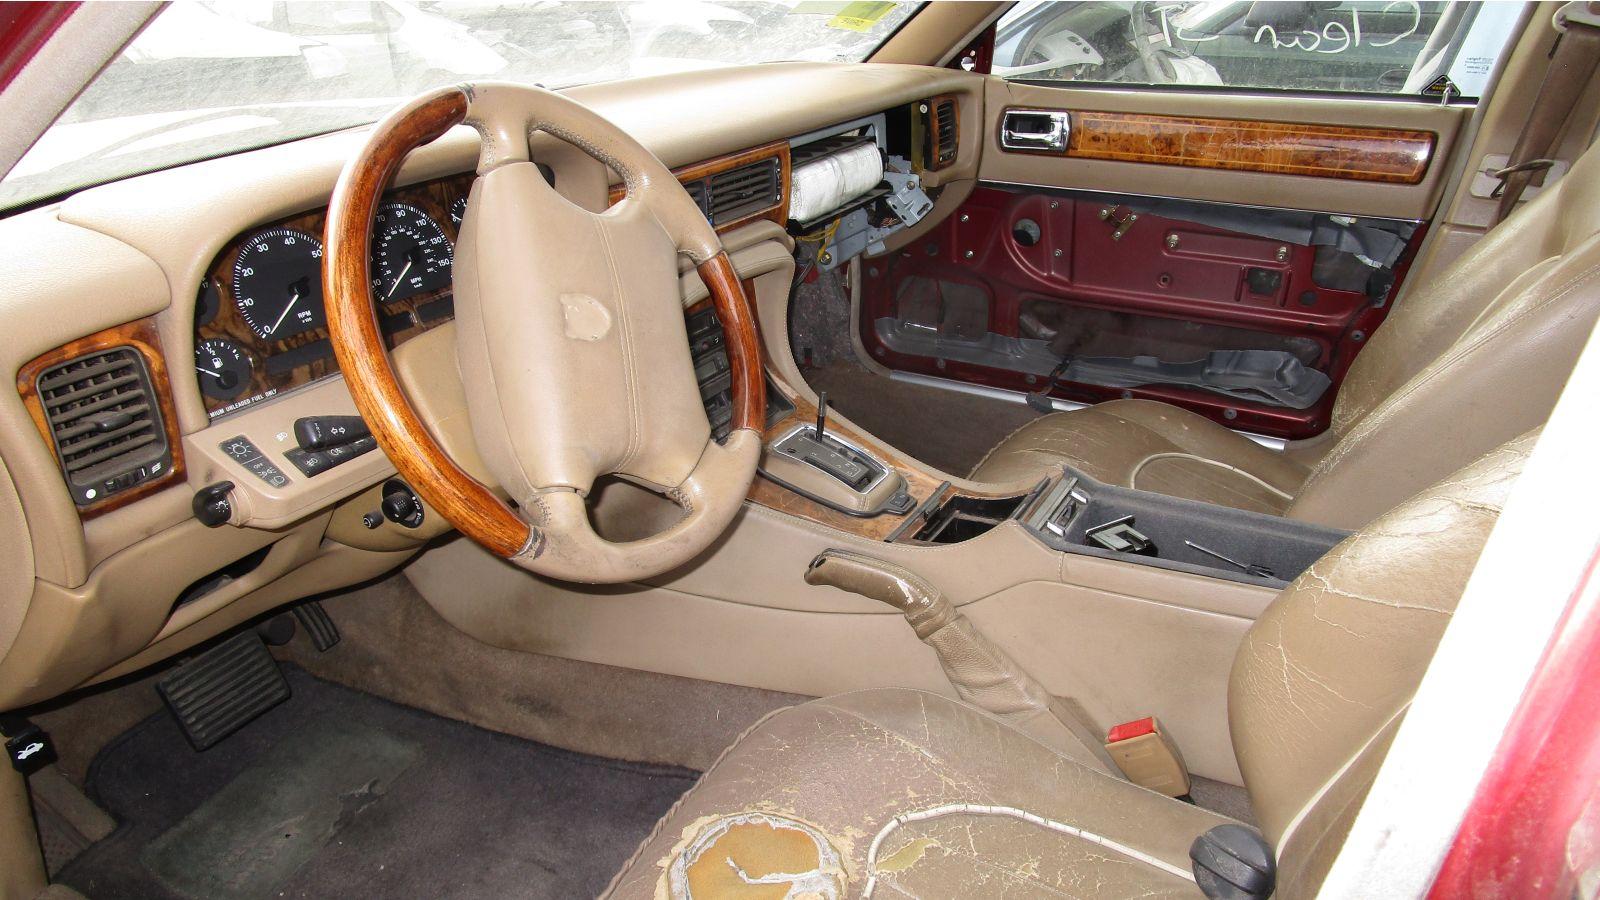 junkyard gem 1995 jaguar vanden plas. Black Bedroom Furniture Sets. Home Design Ideas